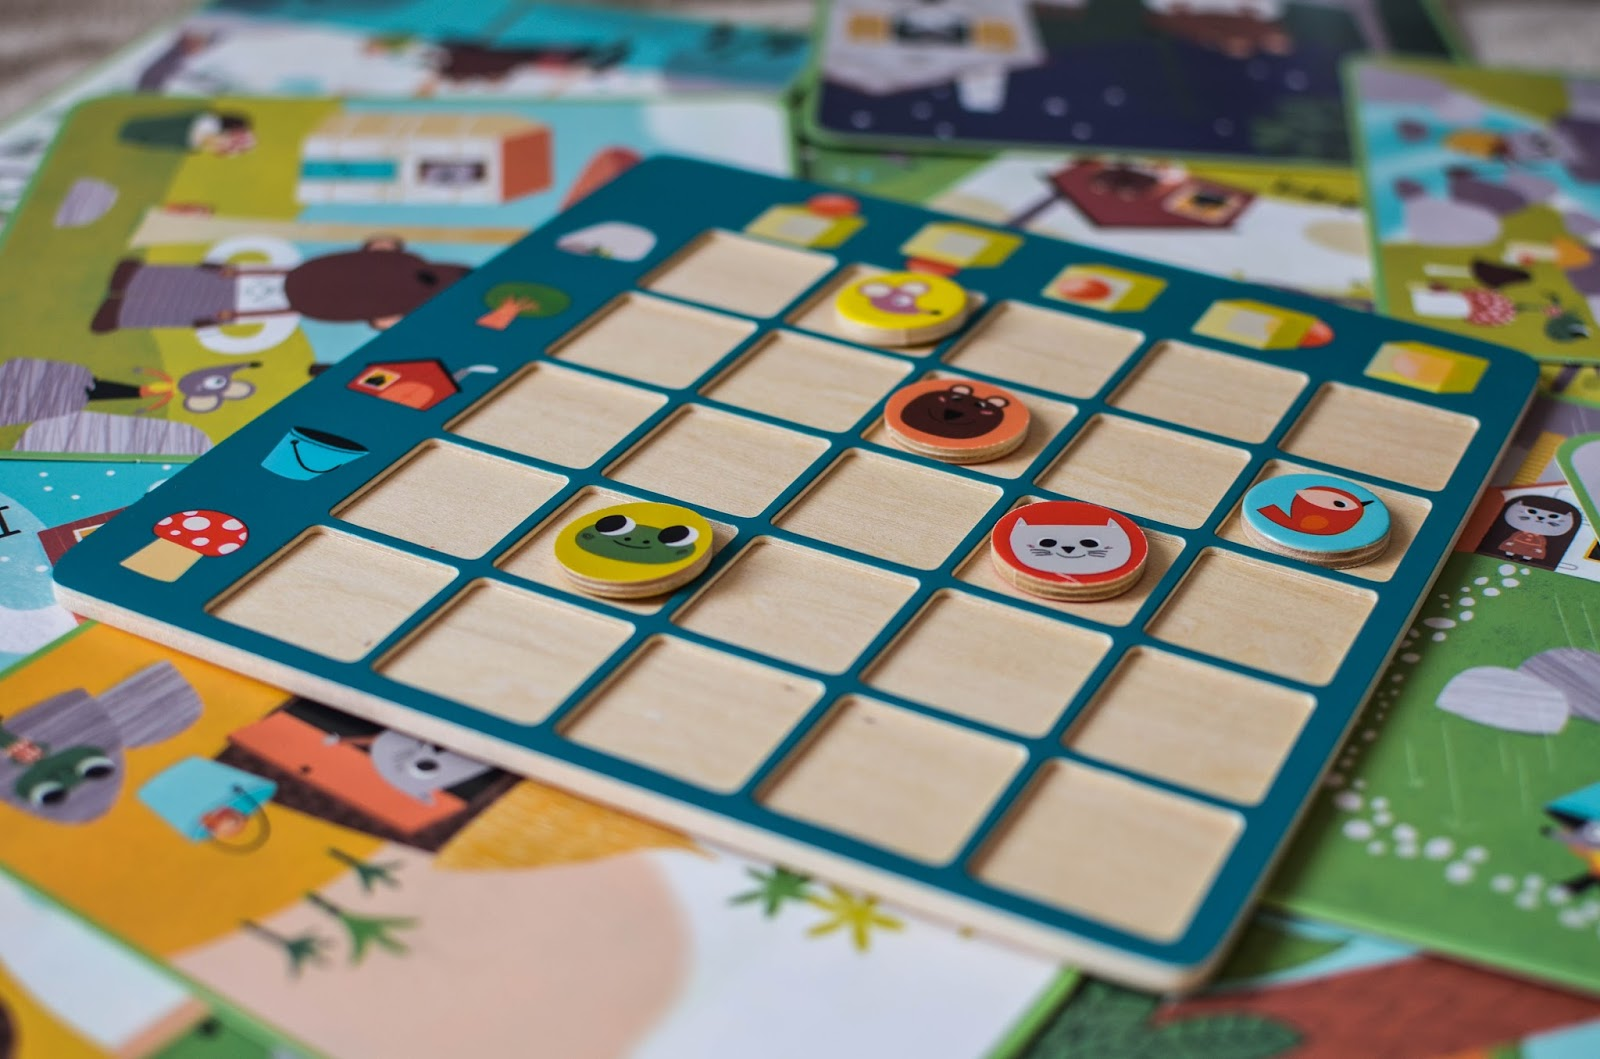 zabawki dla przedszkolaka, topologix, orientacja przestrzenna, gry dla czterolatków, gry edukacyjne, Djeco,